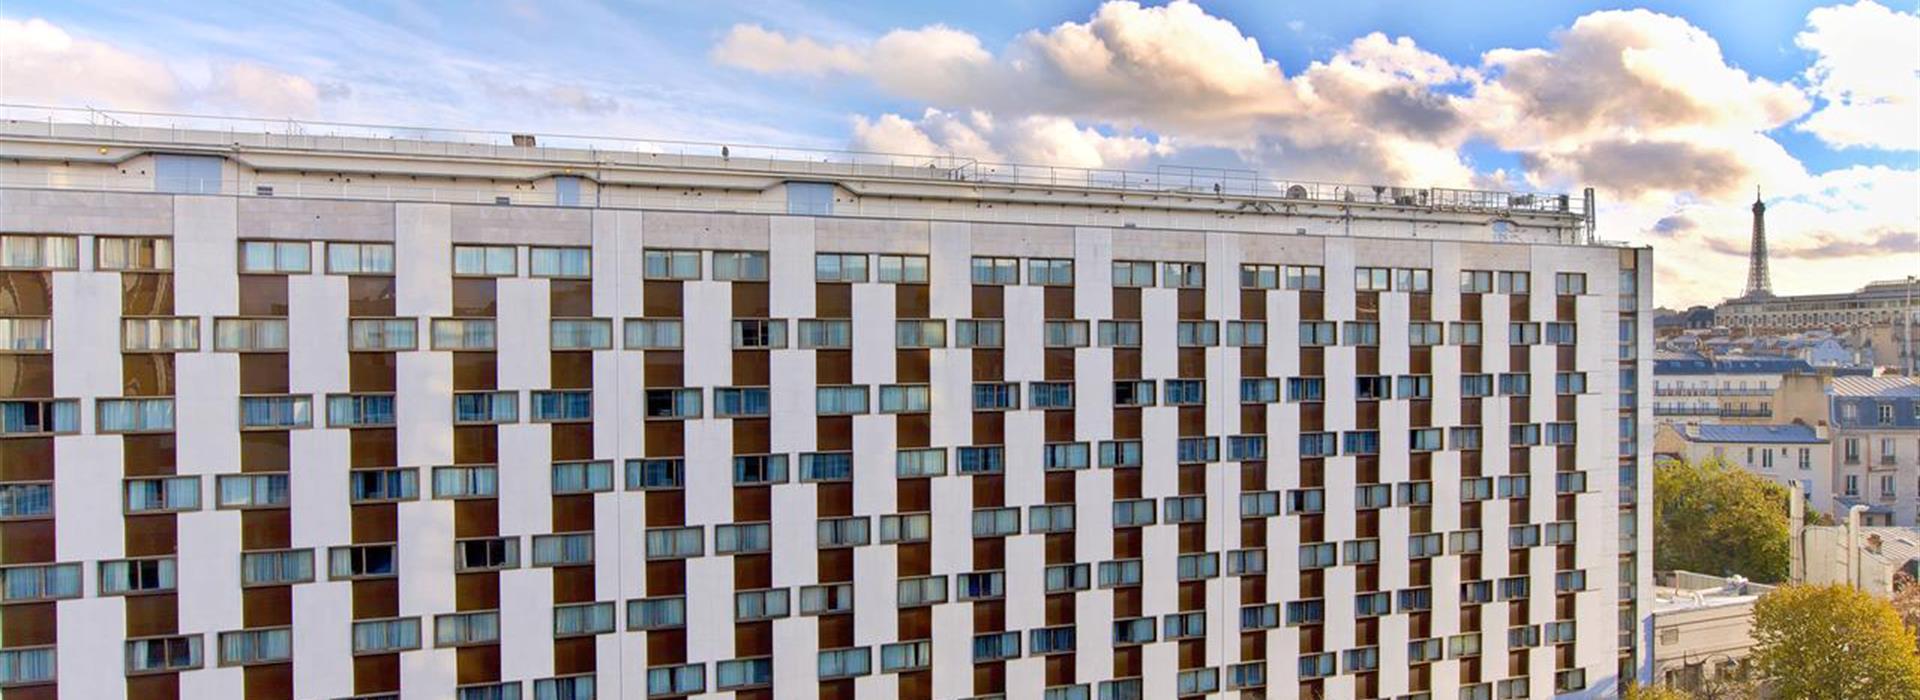 le-gran-hotel-tours-facade-bureau